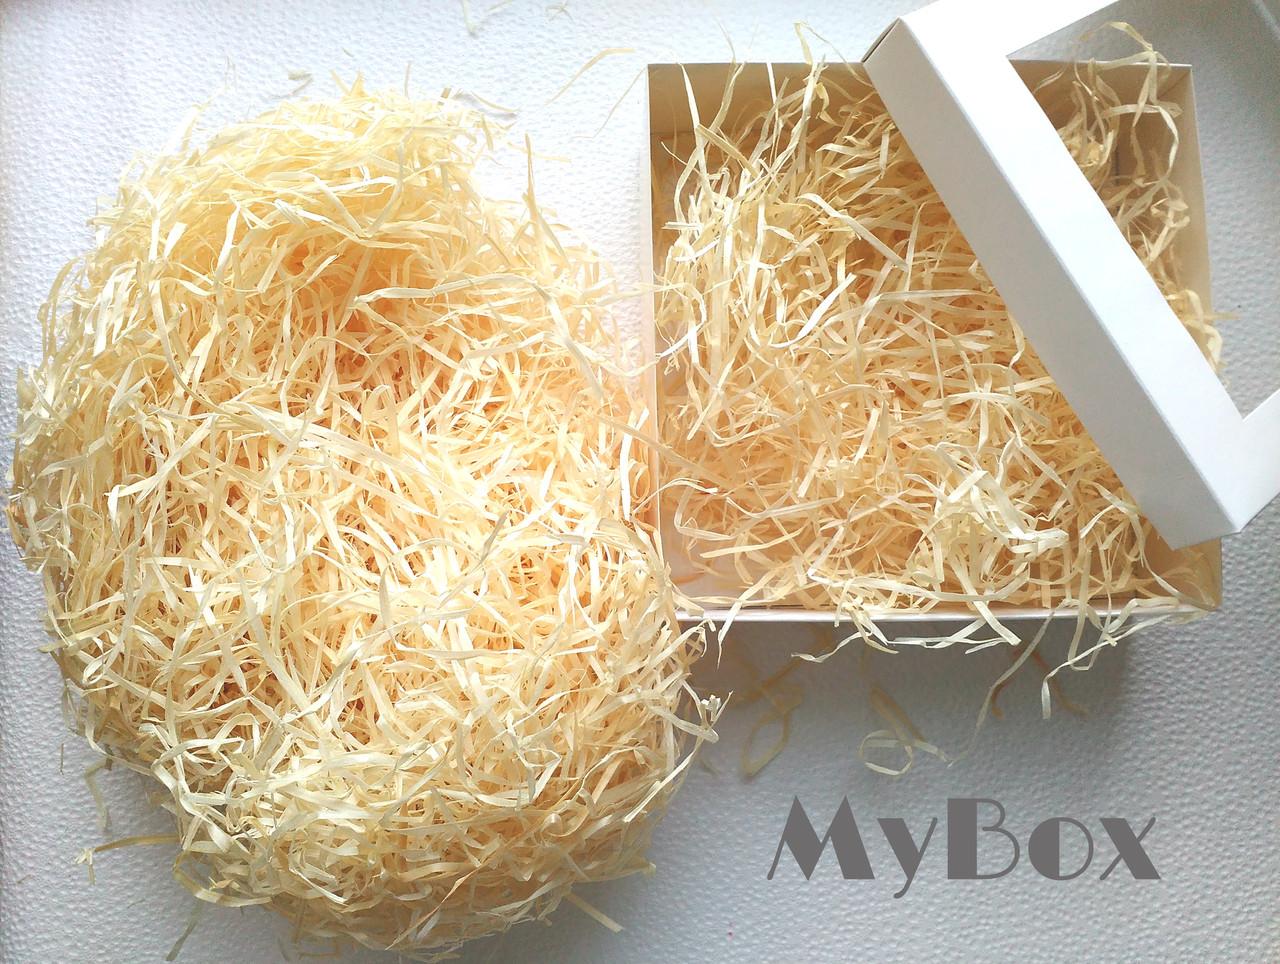 Наполнитель деревянная стружка 100гр - MyBox в Киеве